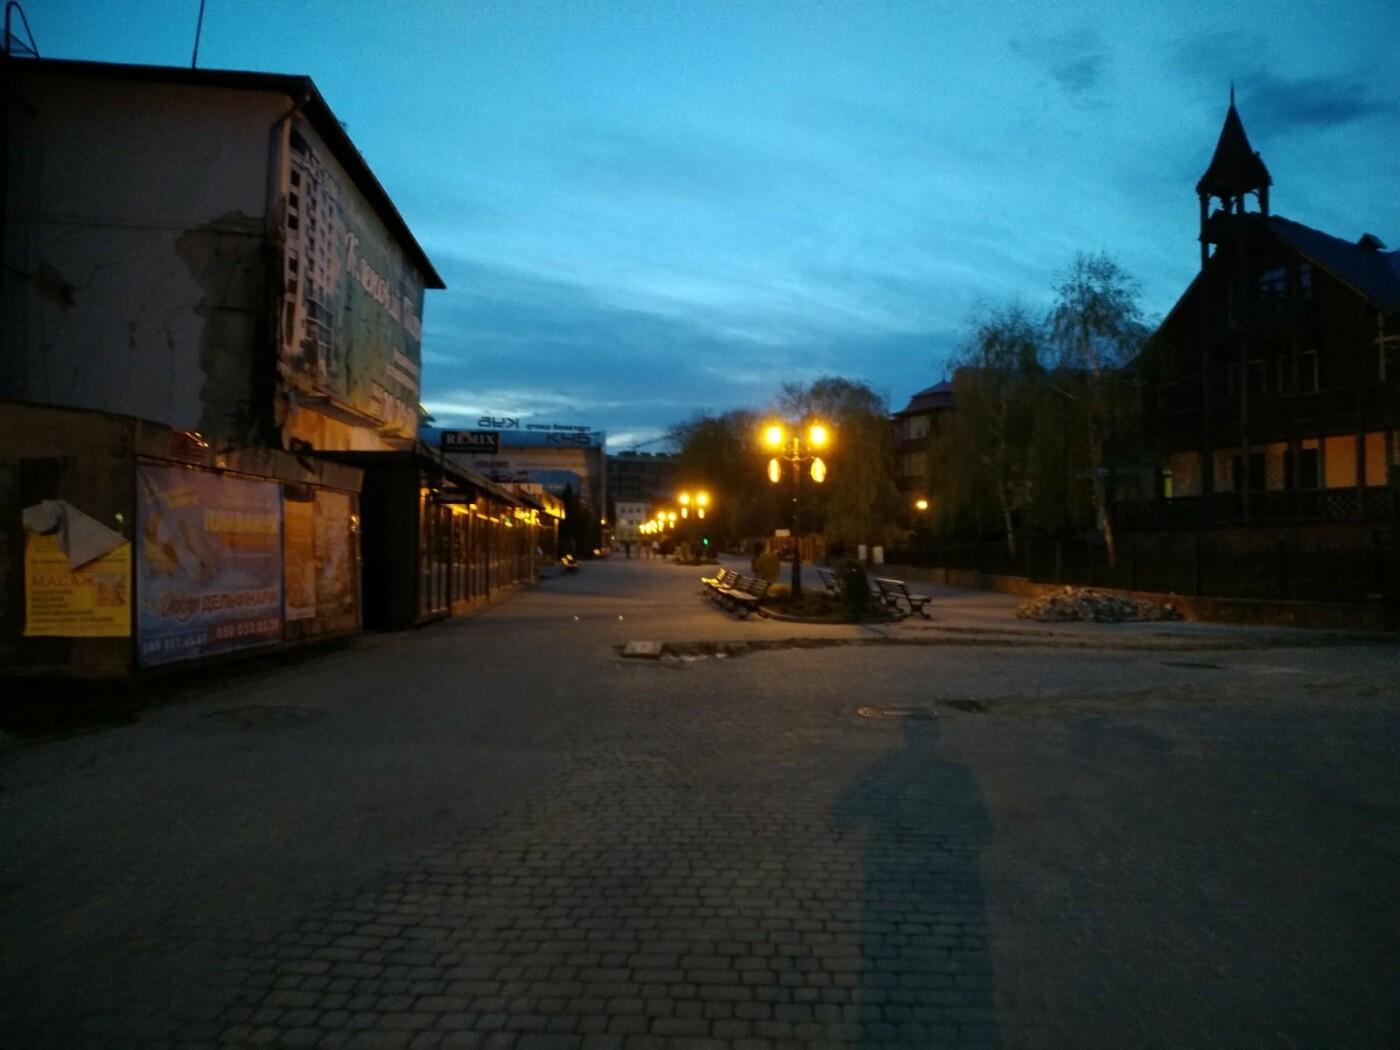 Дивовижний Трускавець: вечірній фотоогляд центральної частини міста-курорту, фото-17, Фото - 03247.com.ua